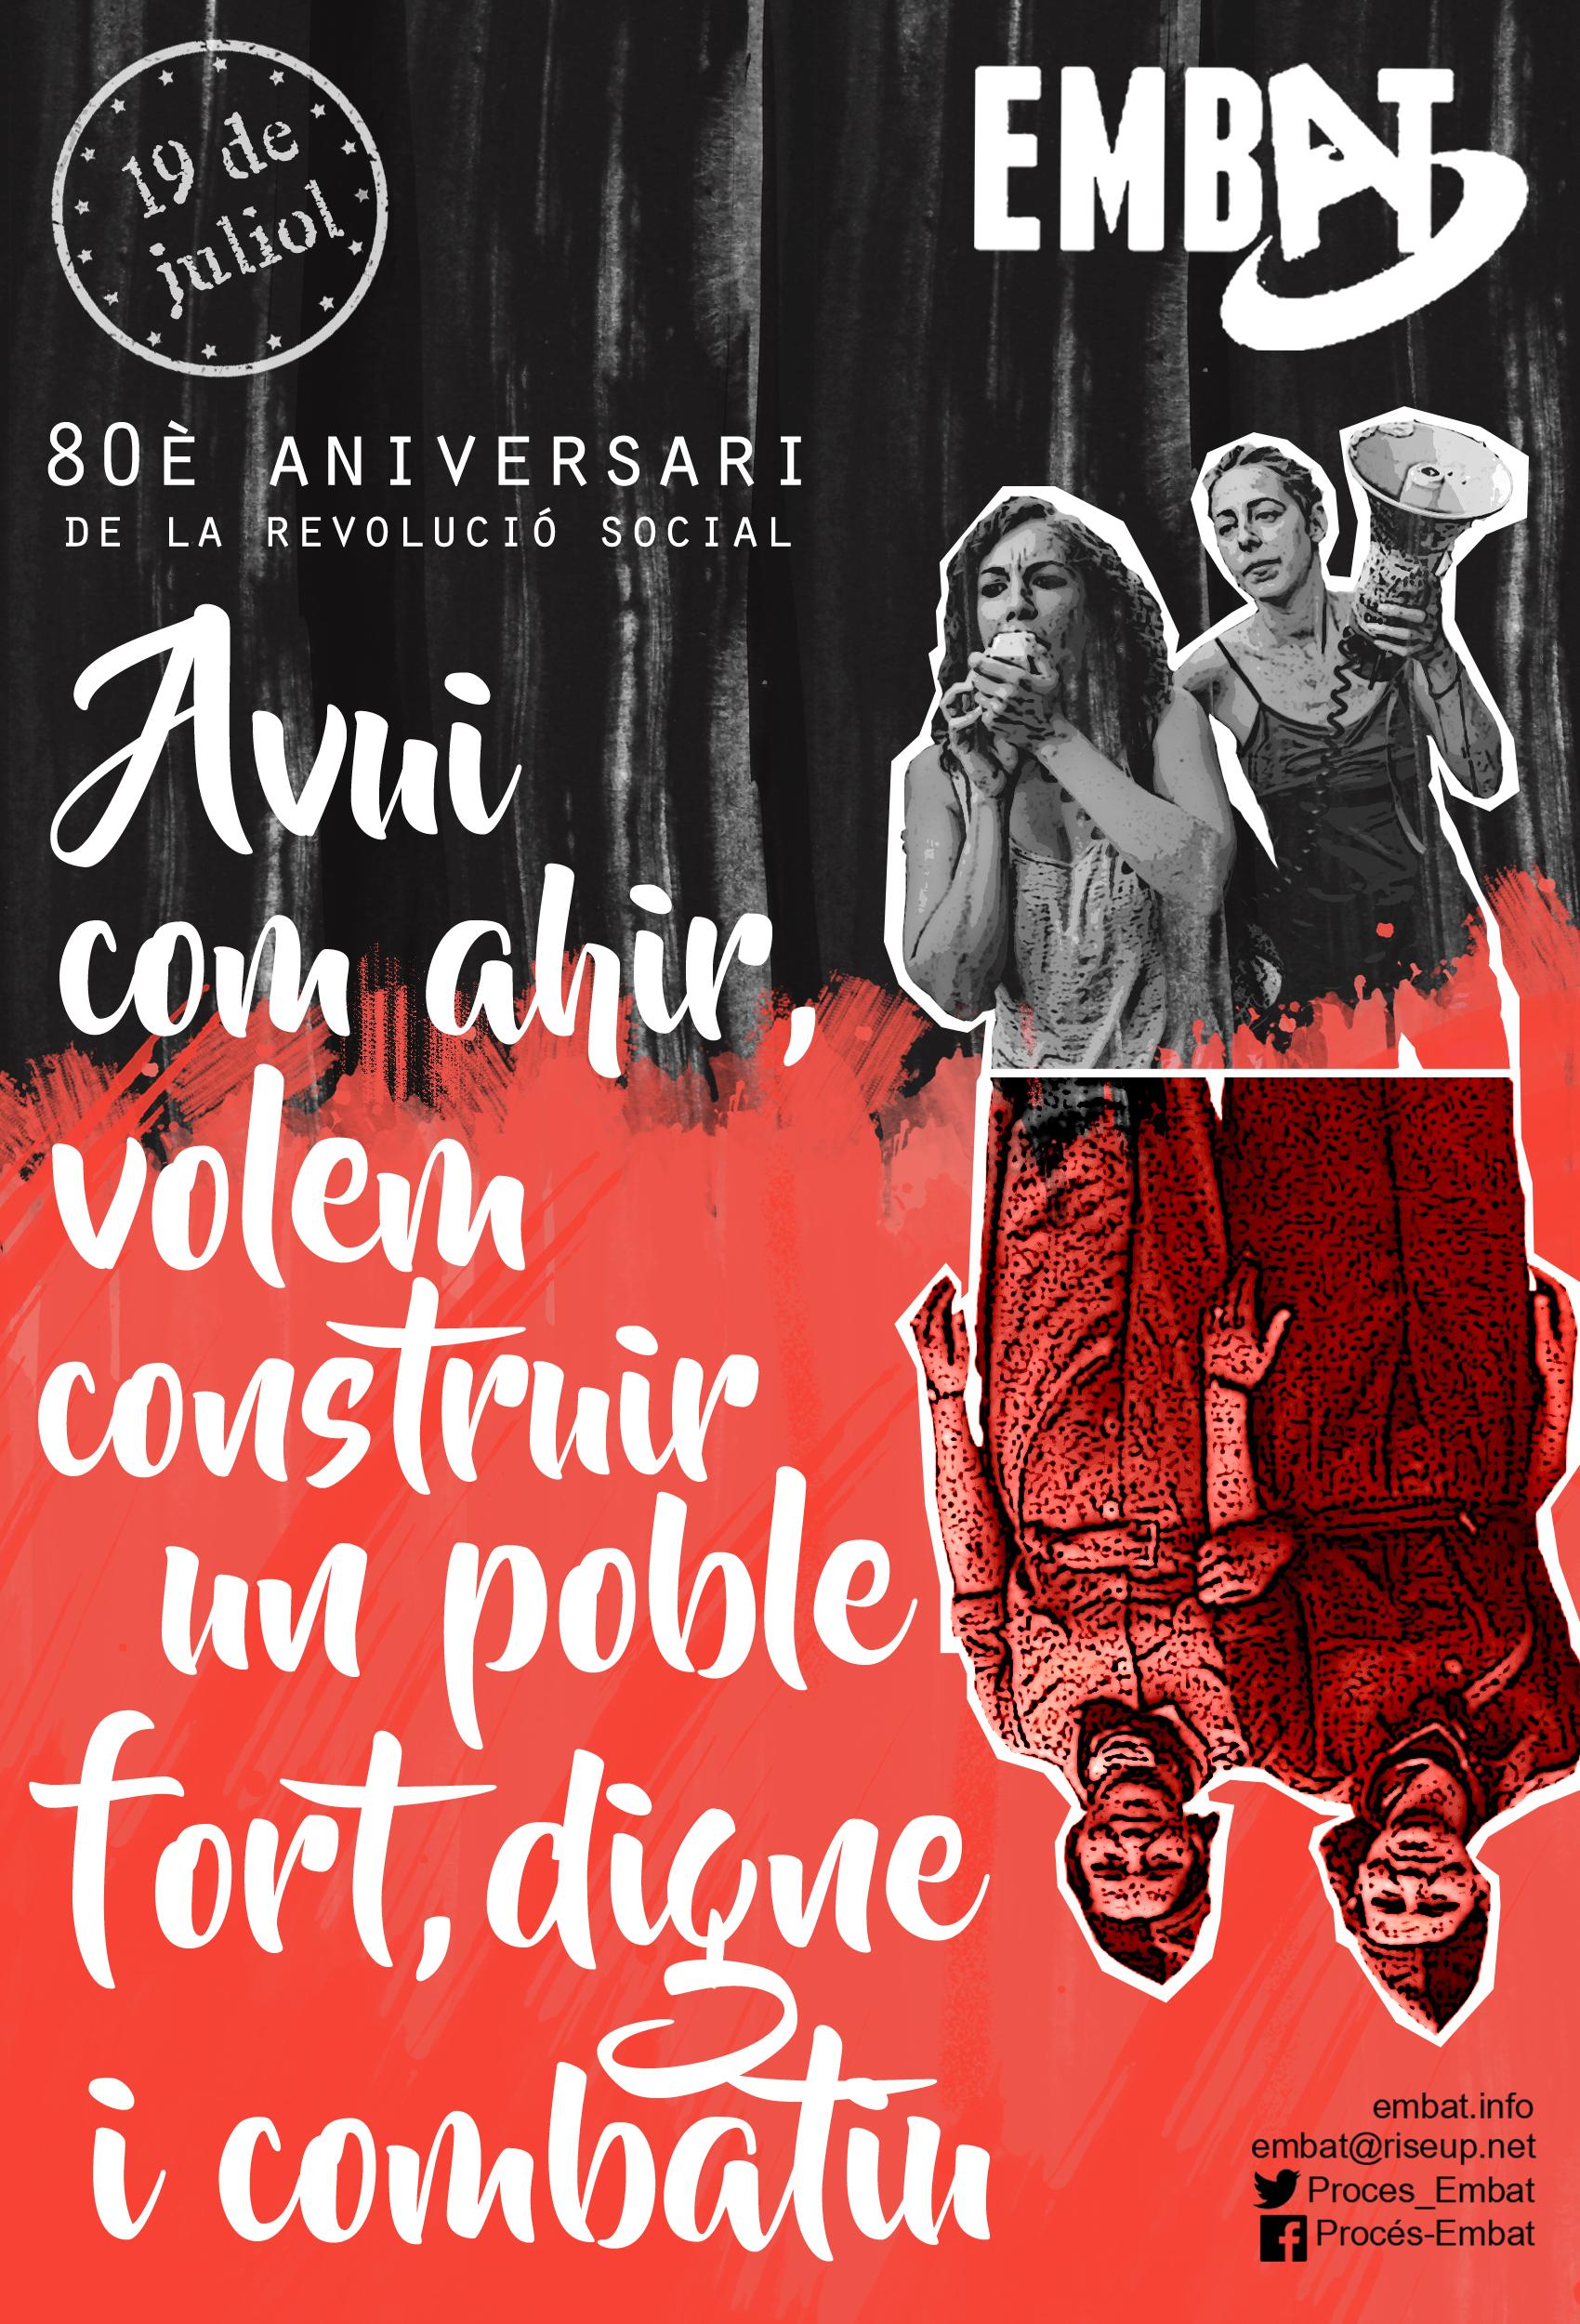 80 anys de ka revolució